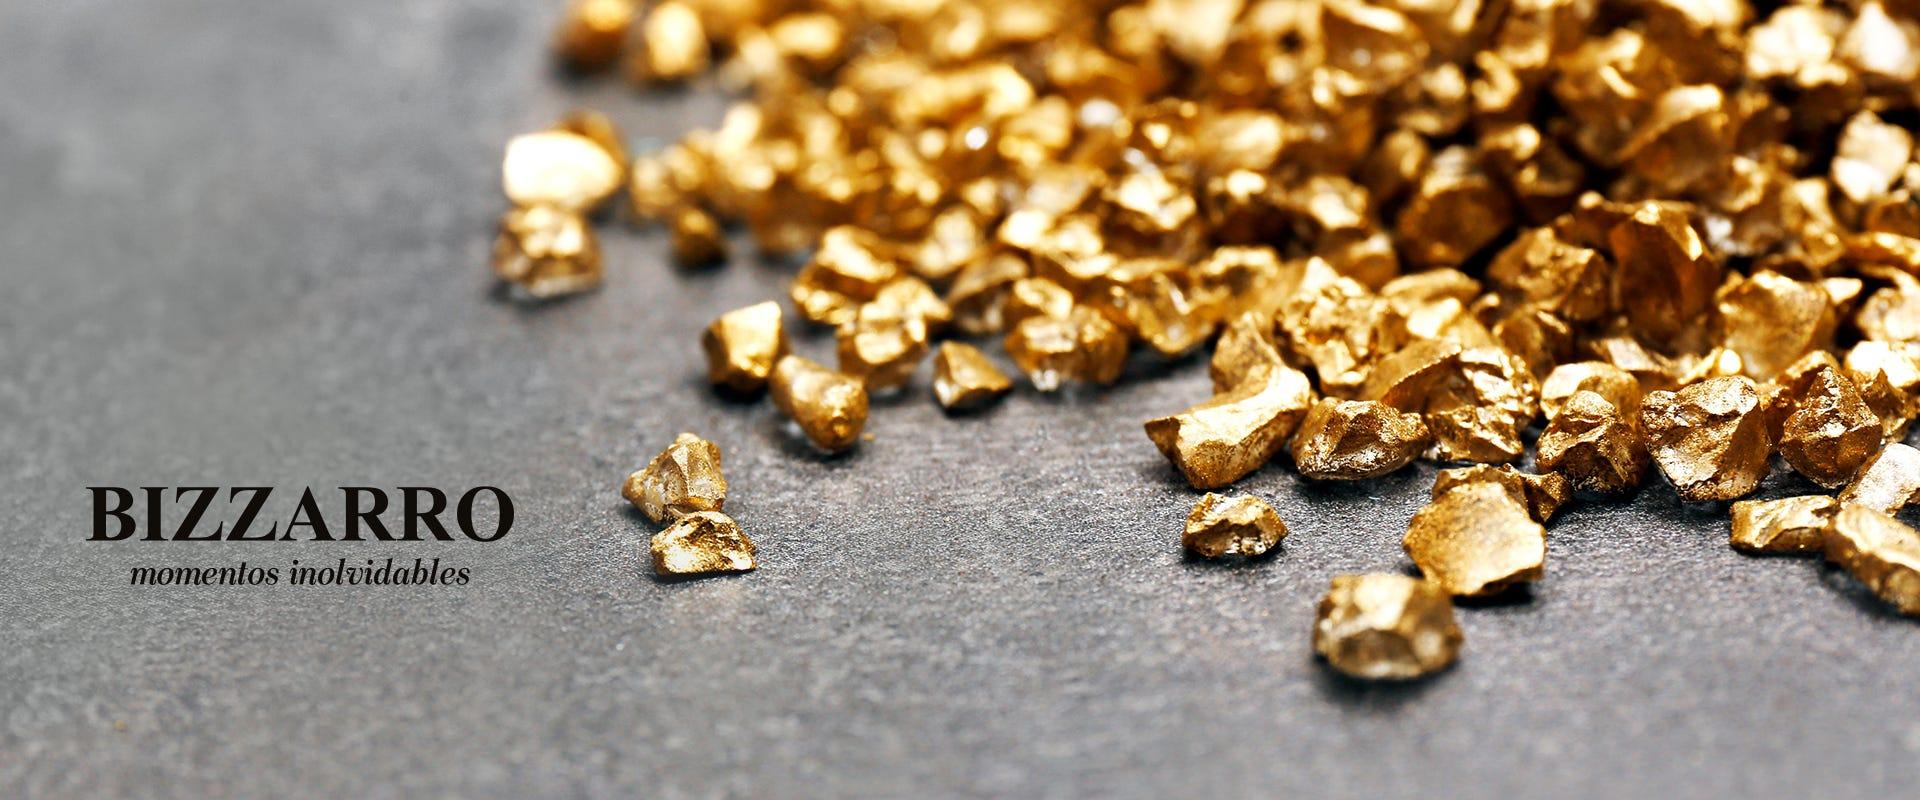 Colores del oro, ¿cómo se obtienen?